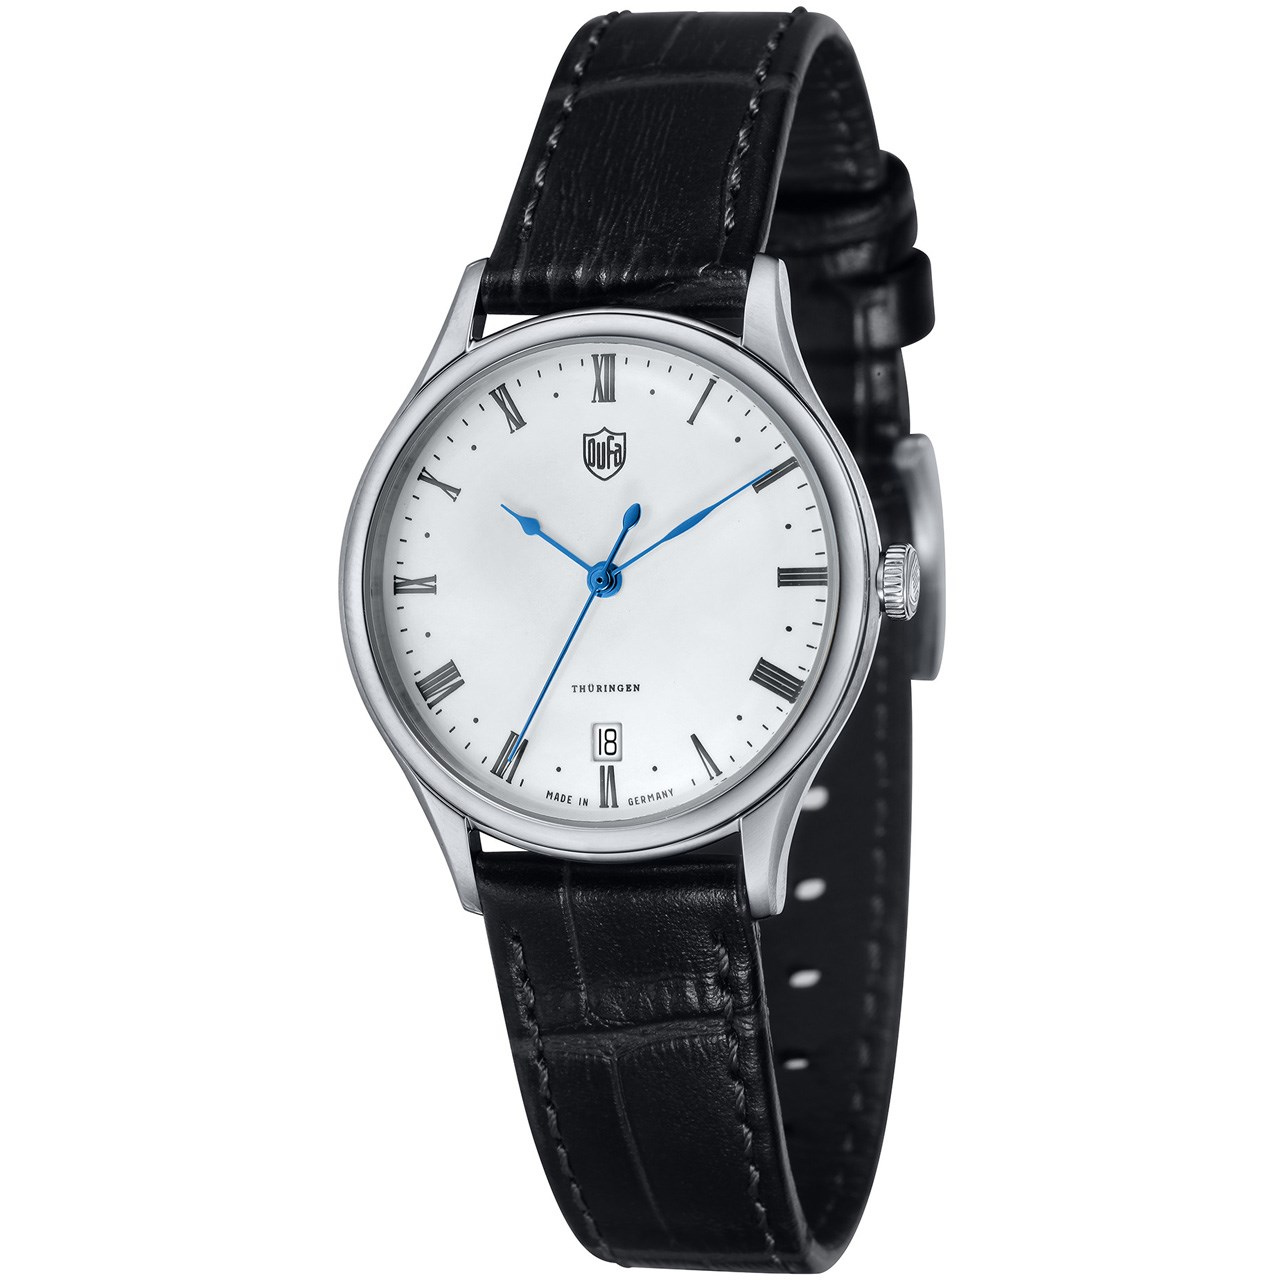 ساعت مچی عقربه ای زنانه دوفا مدل DF-7006-02 40